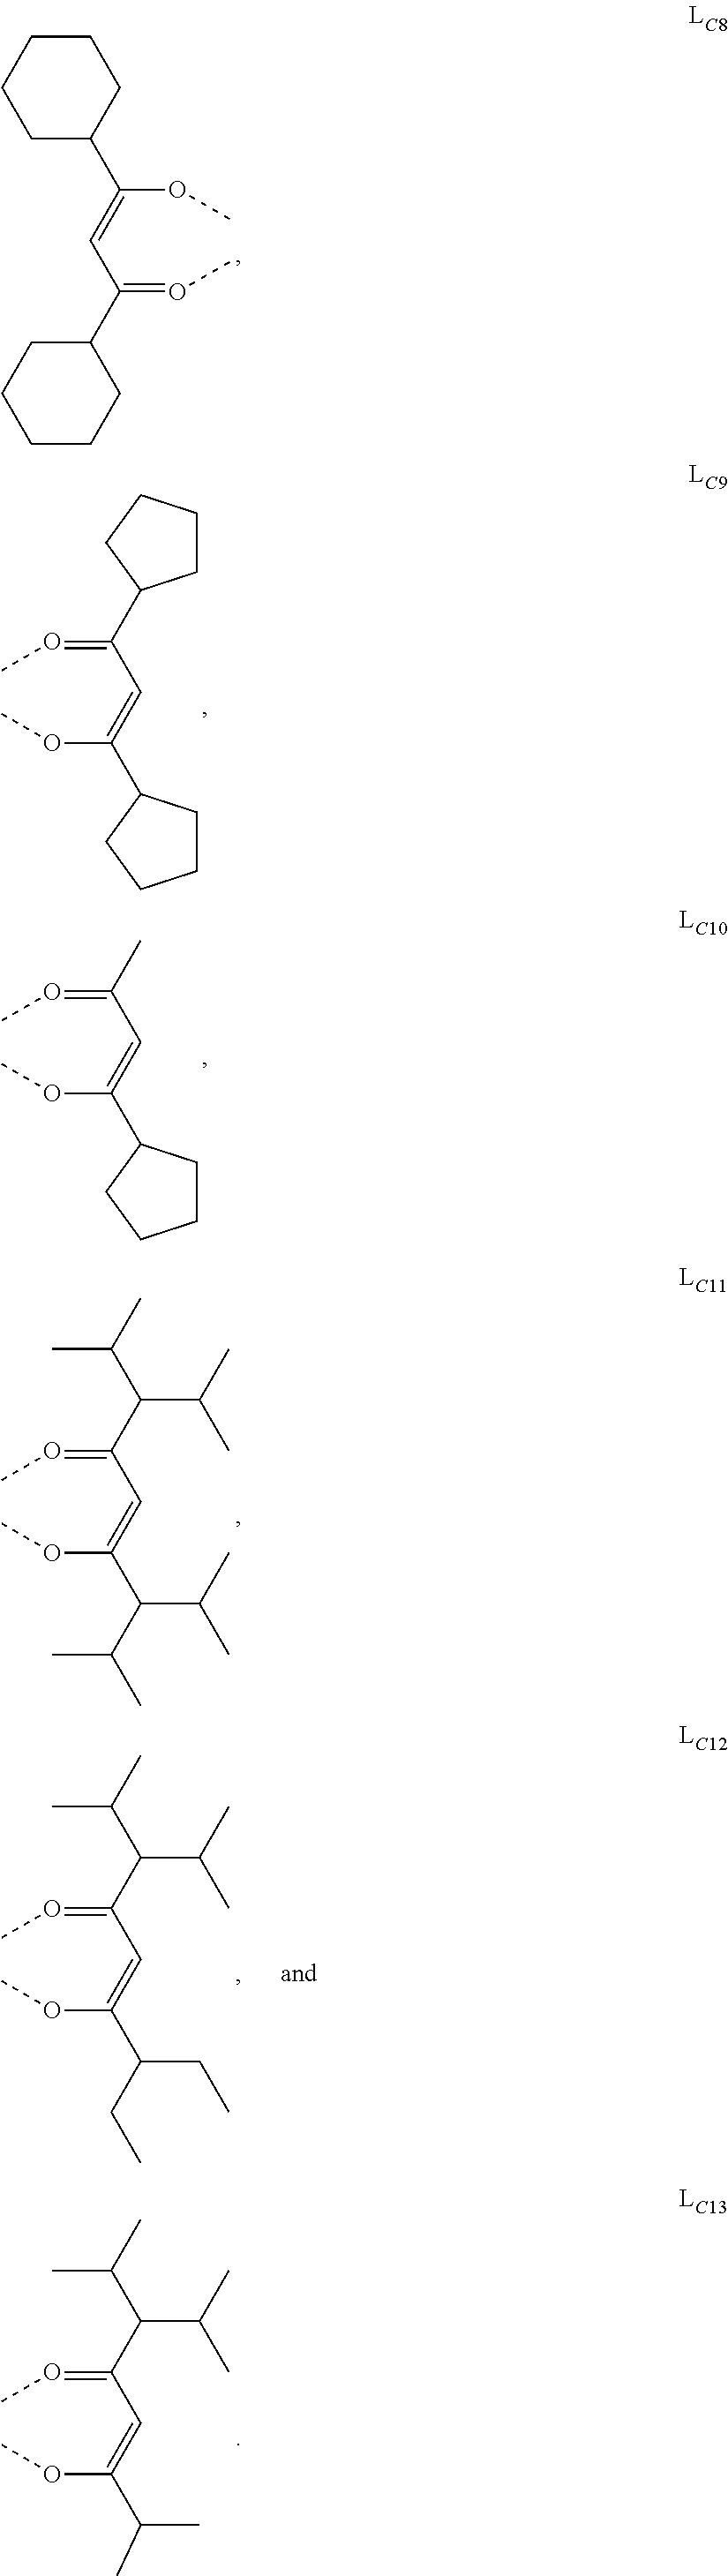 Figure US20170229663A1-20170810-C00092